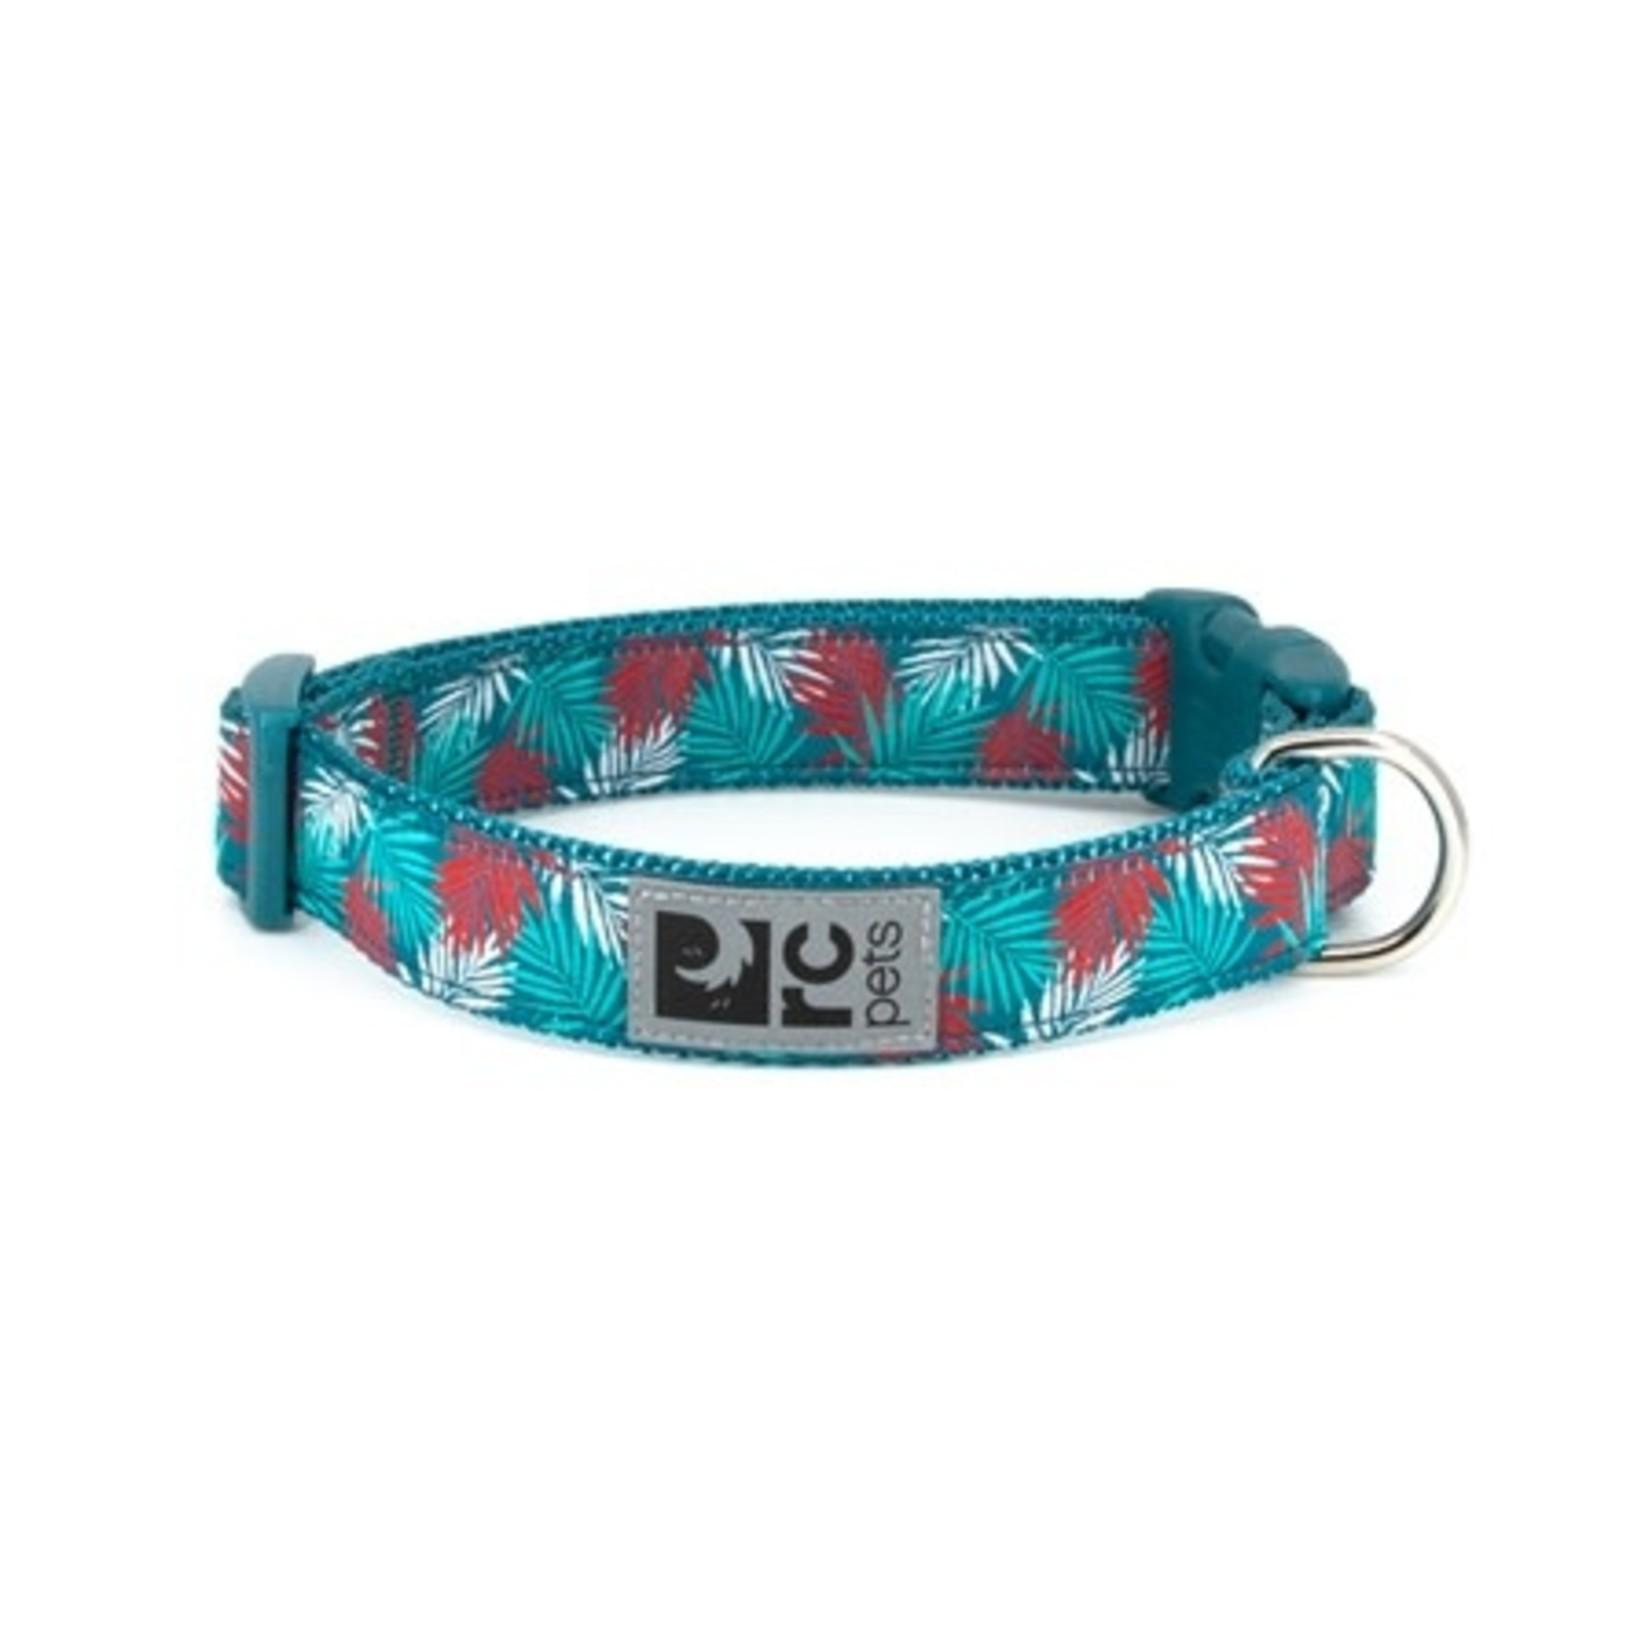 RC Pets Clip Collar - Maldives